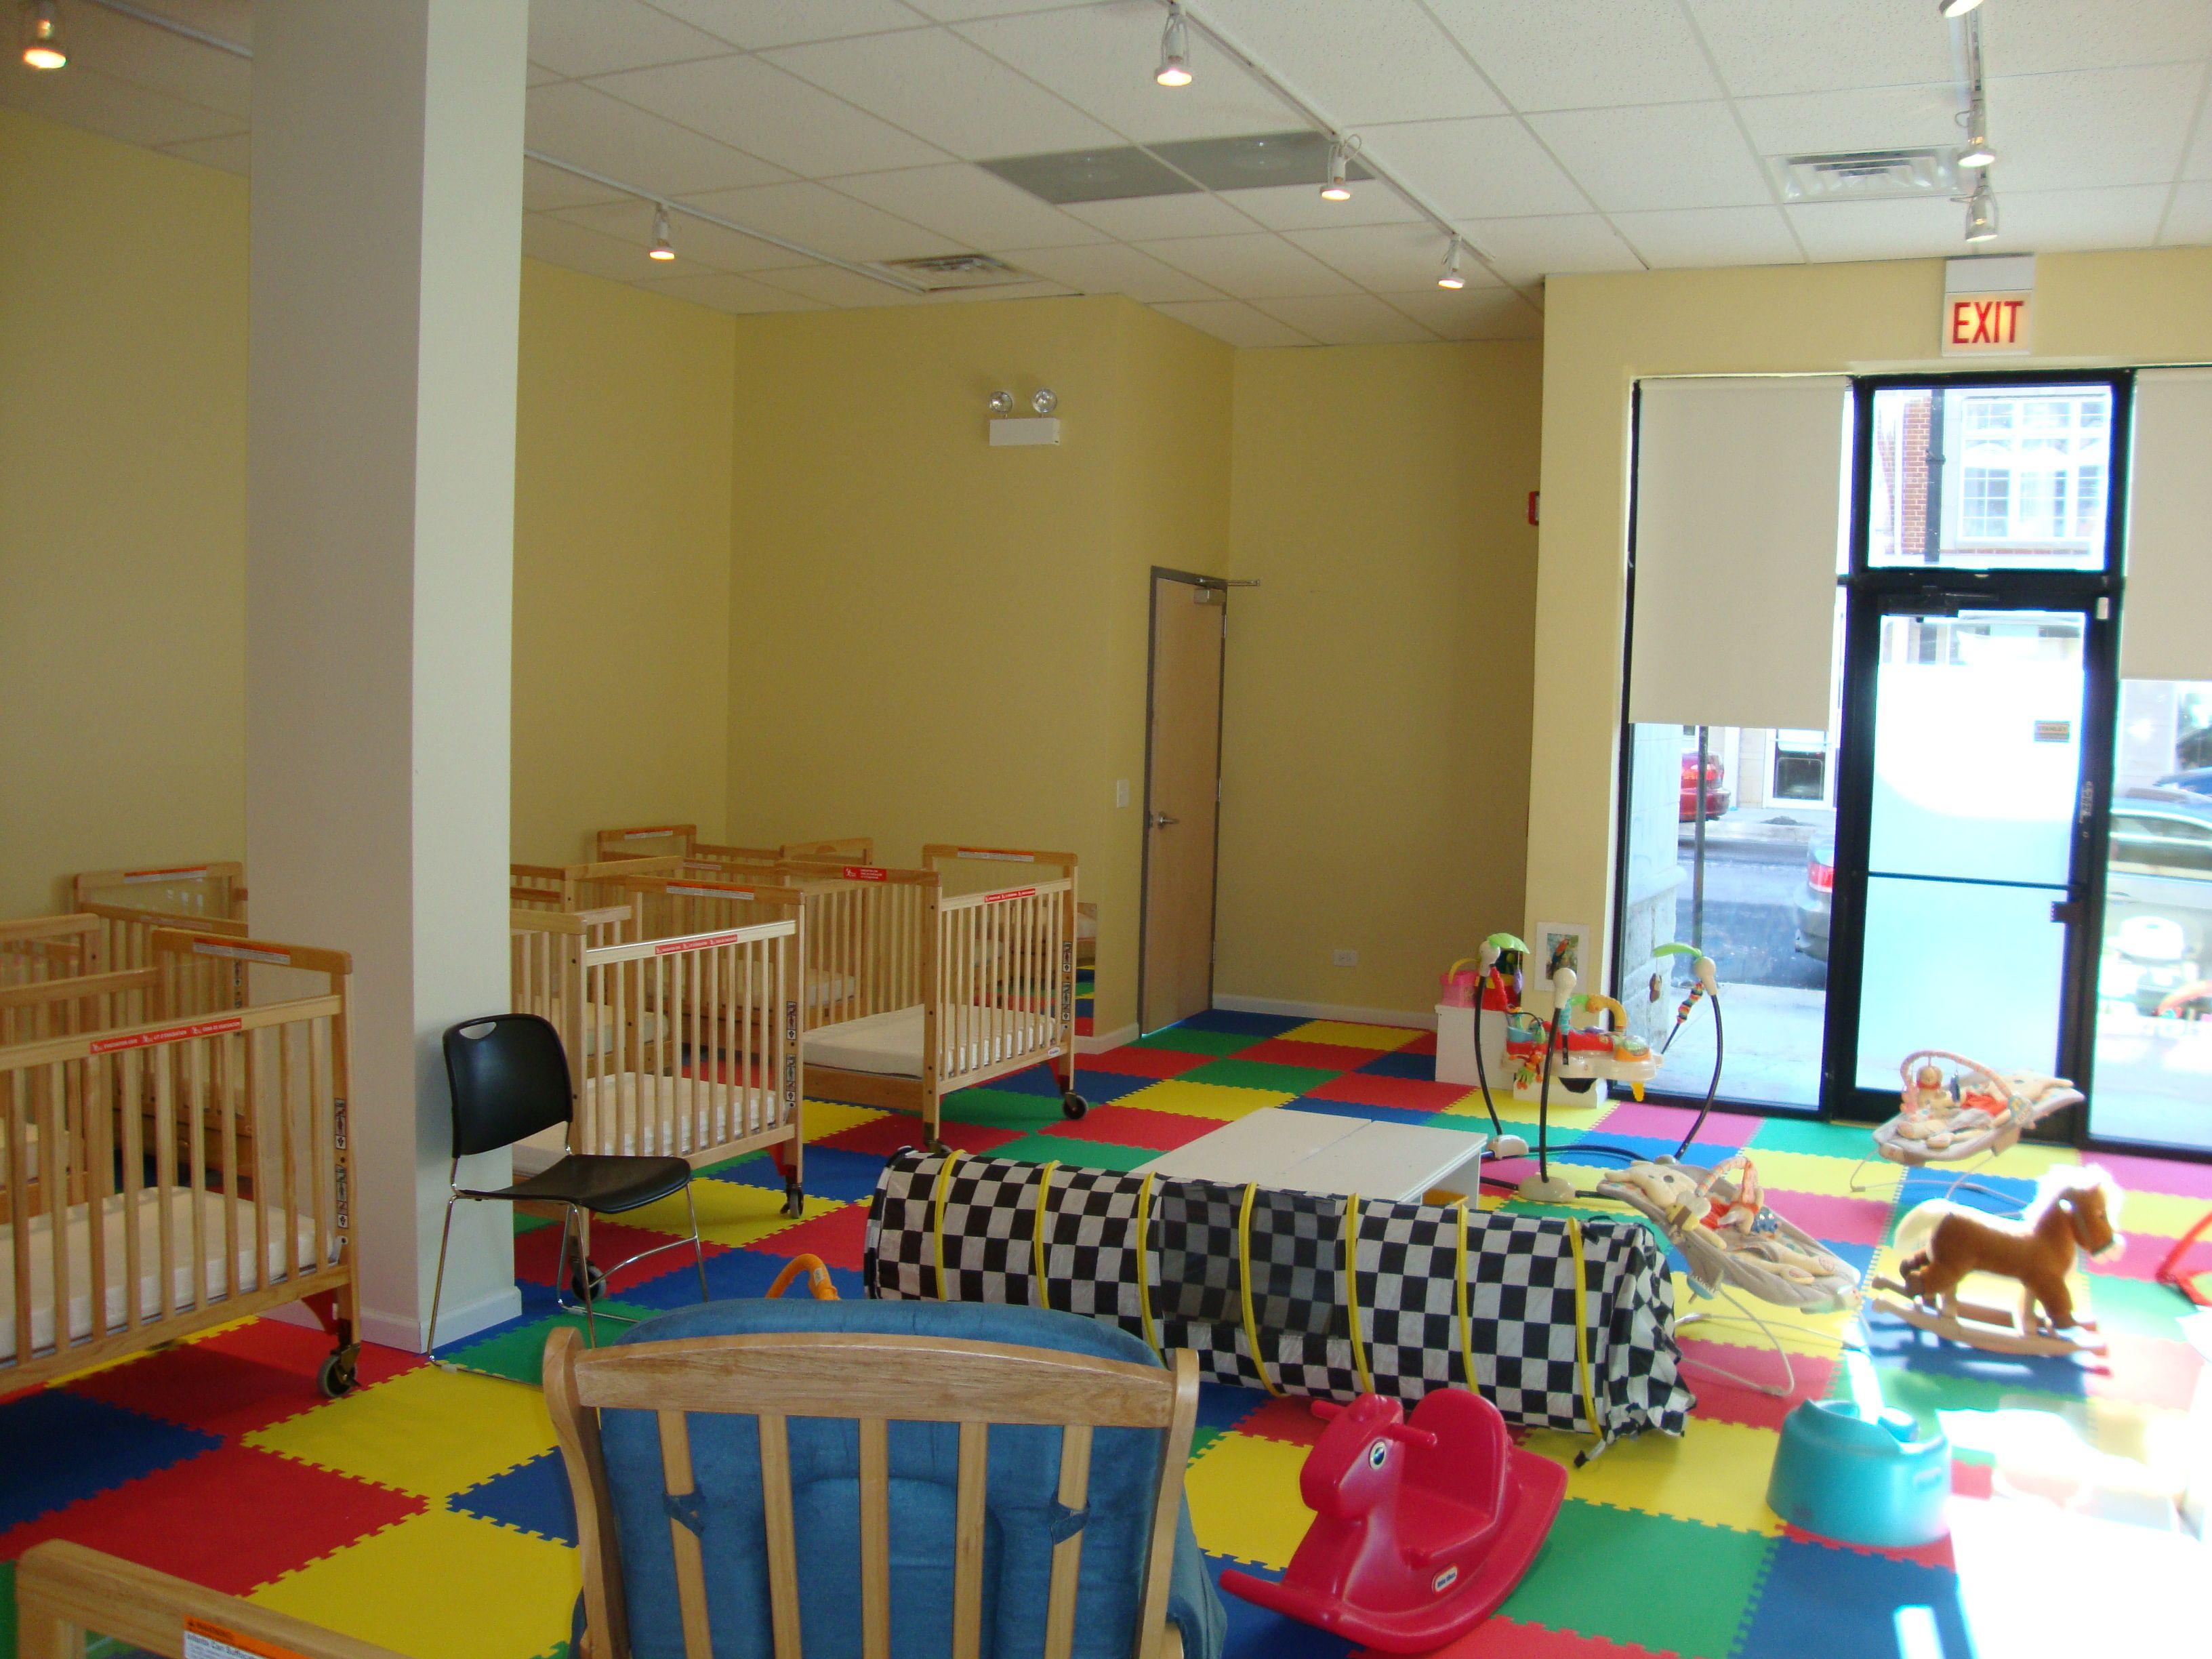 Daycare infant room | Infant Room from Back | Daycare ...